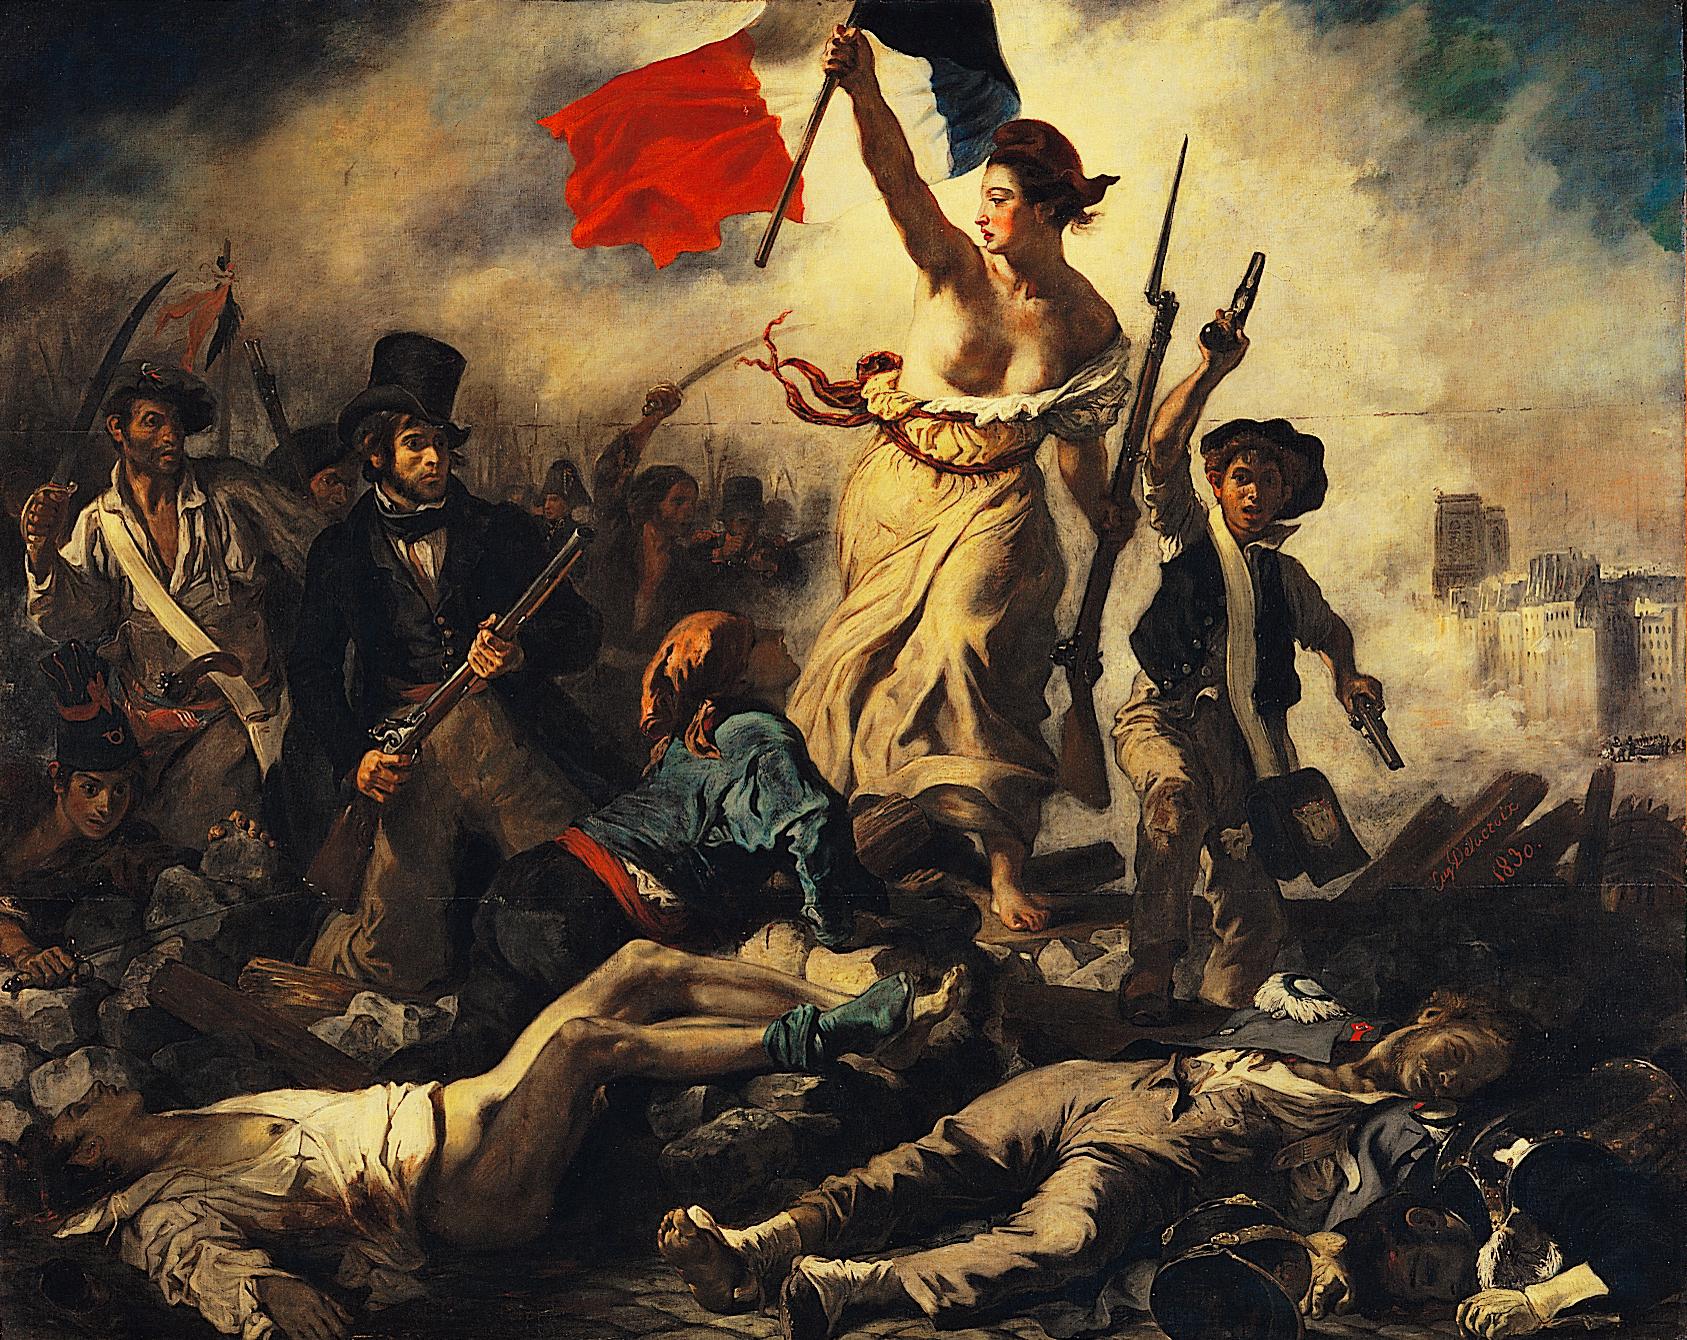 Archivo:Eugène Delacroix - La liberté guidant le peuple-2.jpg